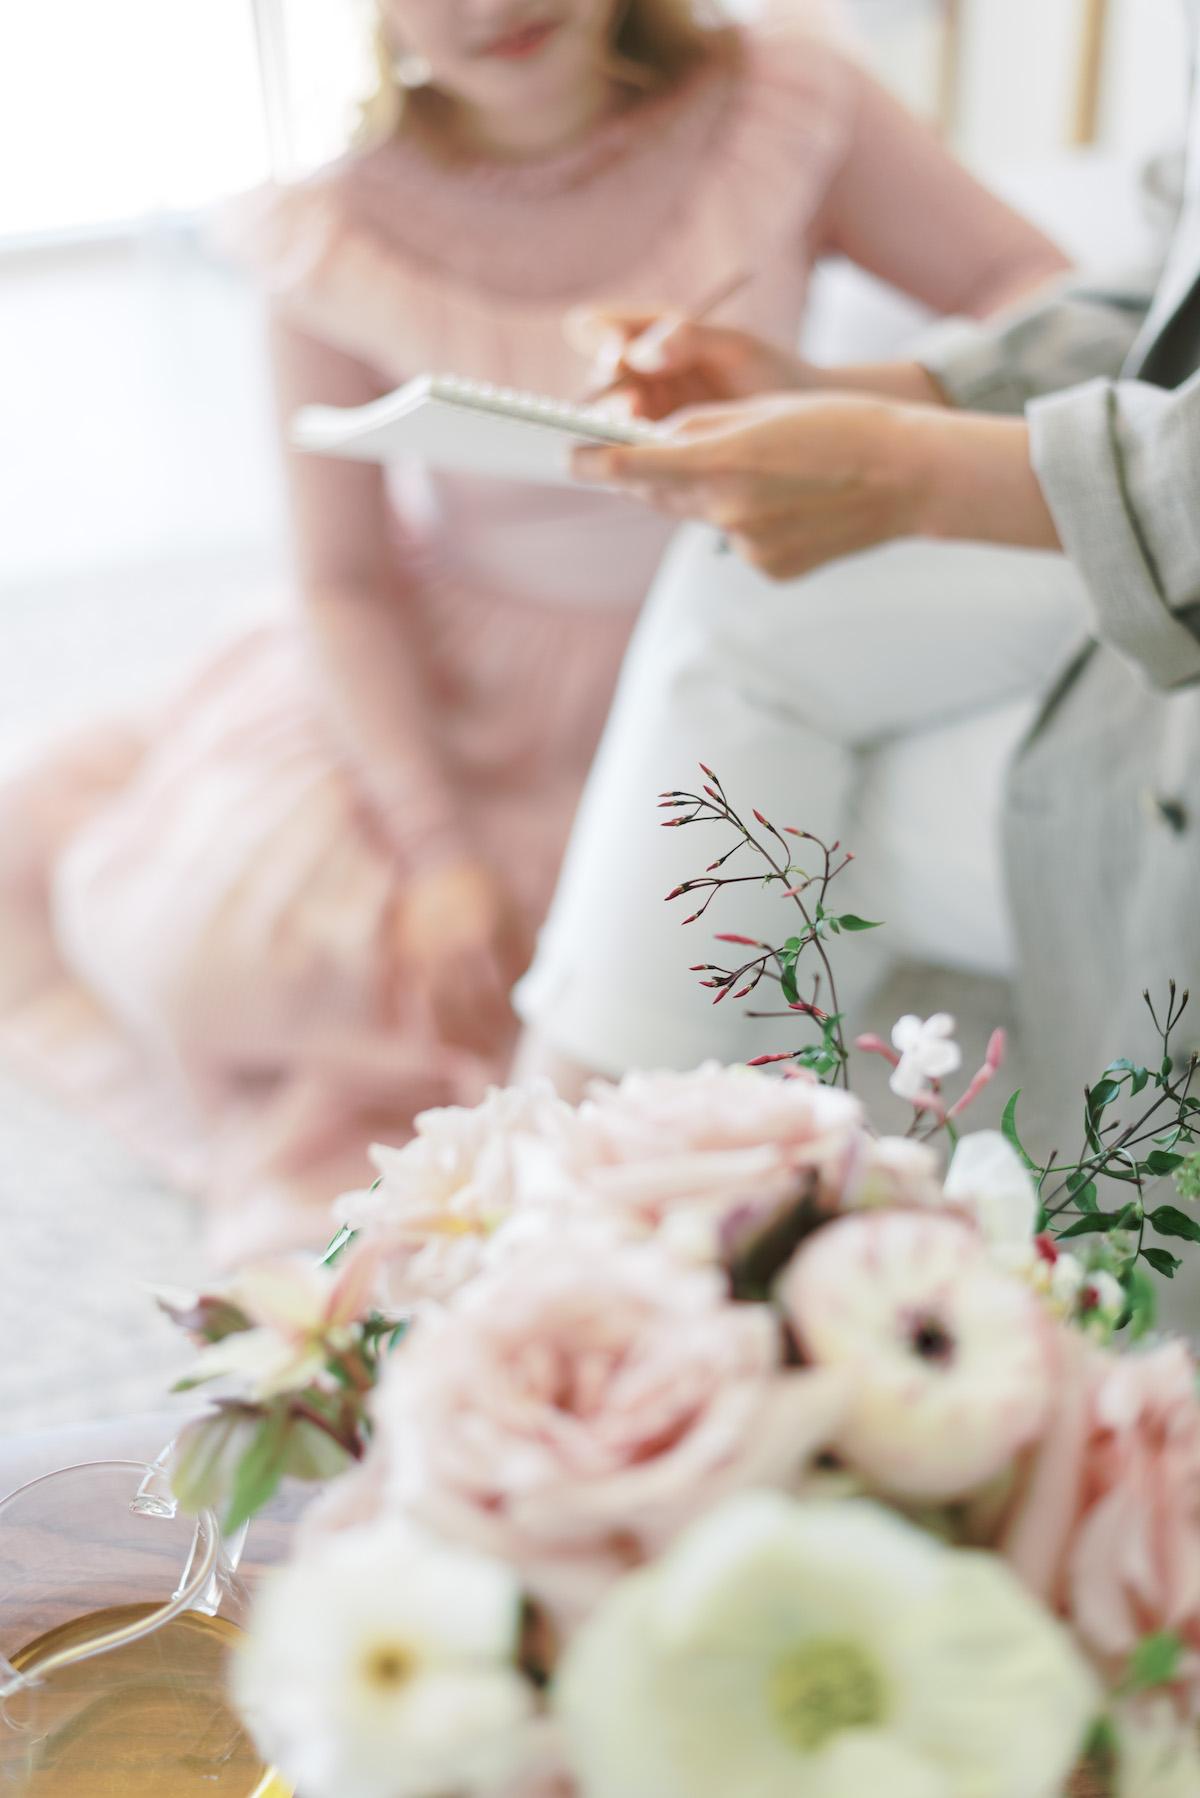 olea-and-fig-blooming-wed-brand-shoot-85.jpg